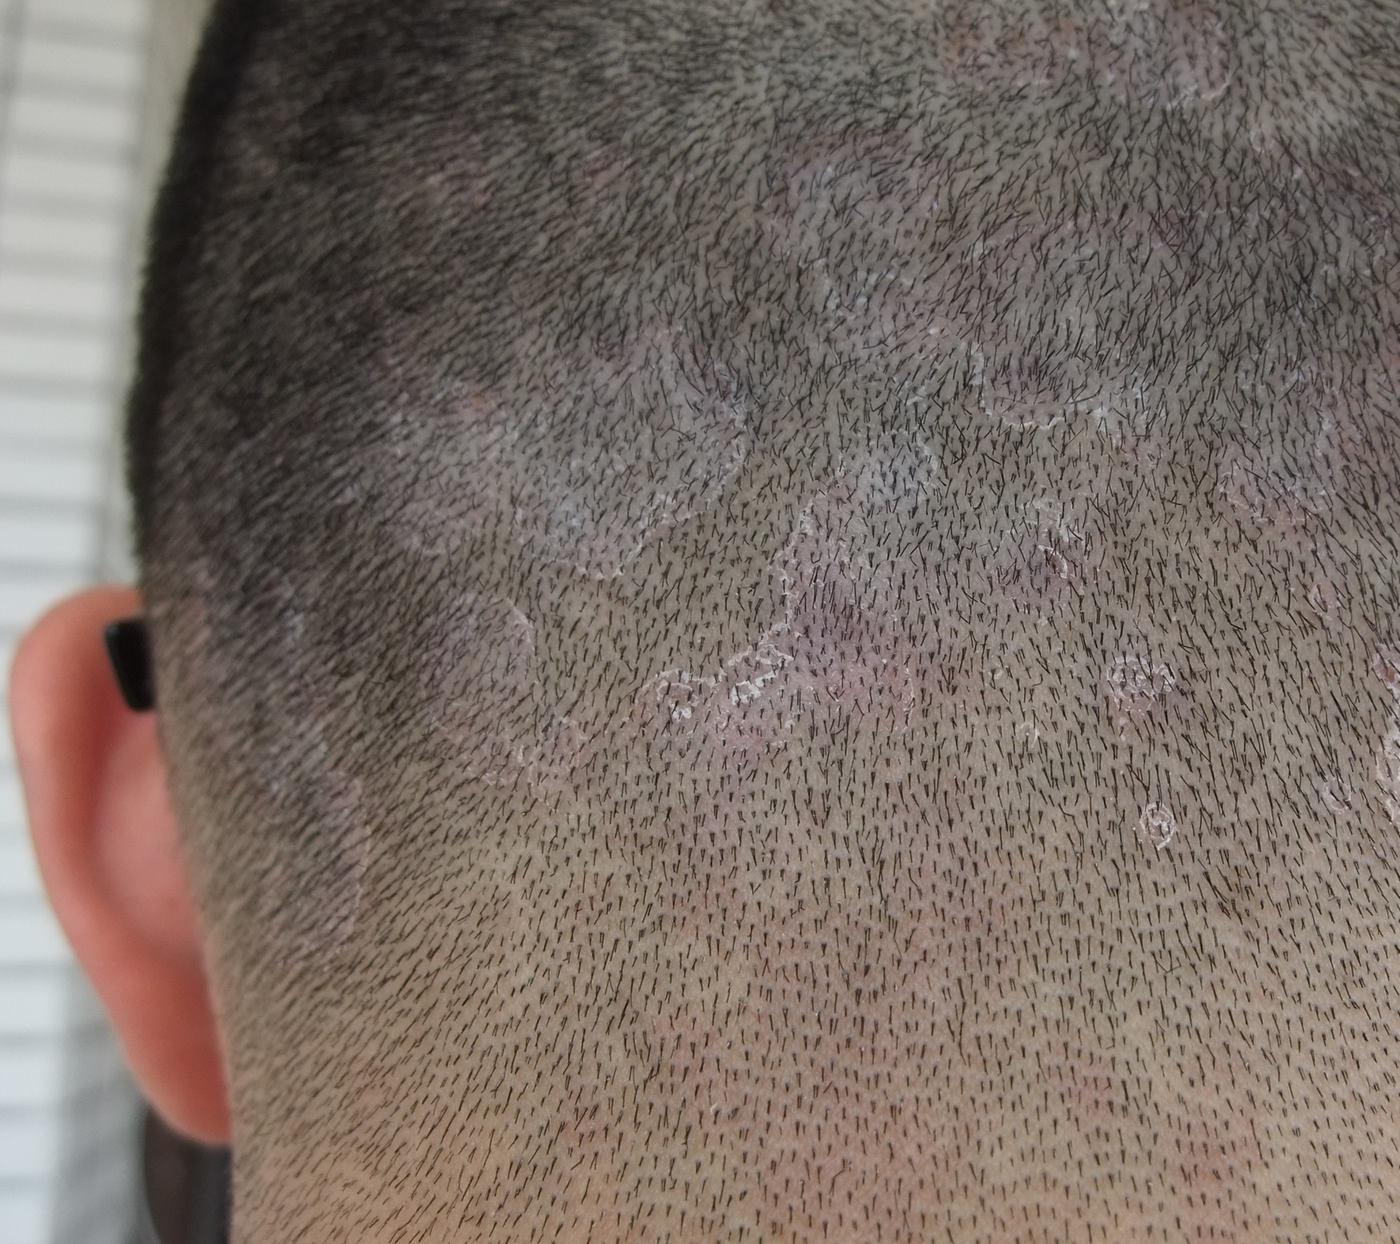 头部银屑病如何治疗_头皮癣症状_头皮癣症状图片_淘宝助理